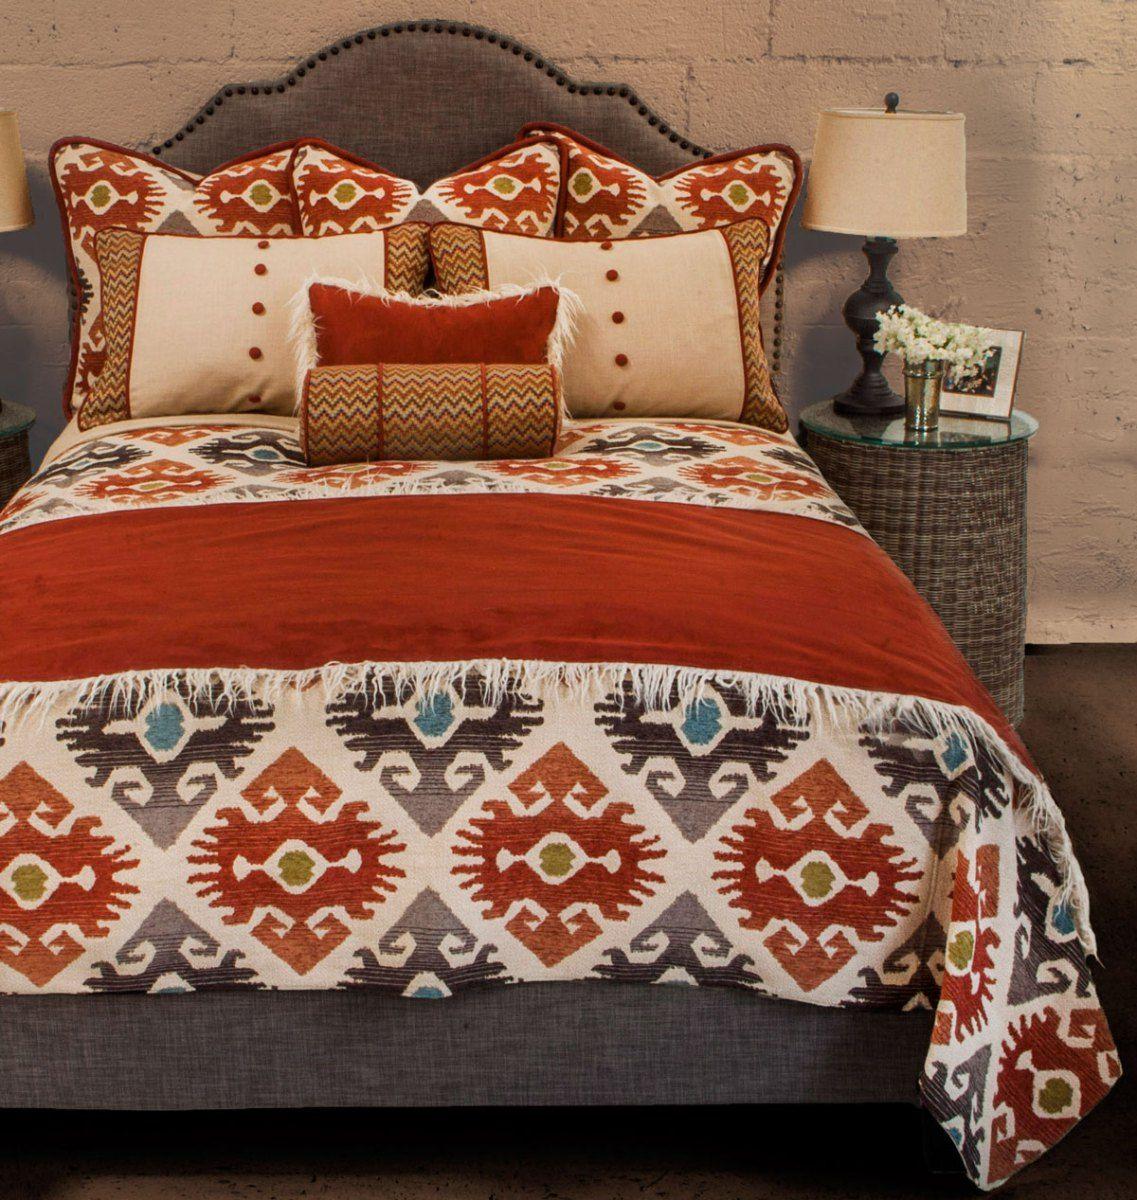 Southwest Bedding Sets Southwestern Bedding Sets